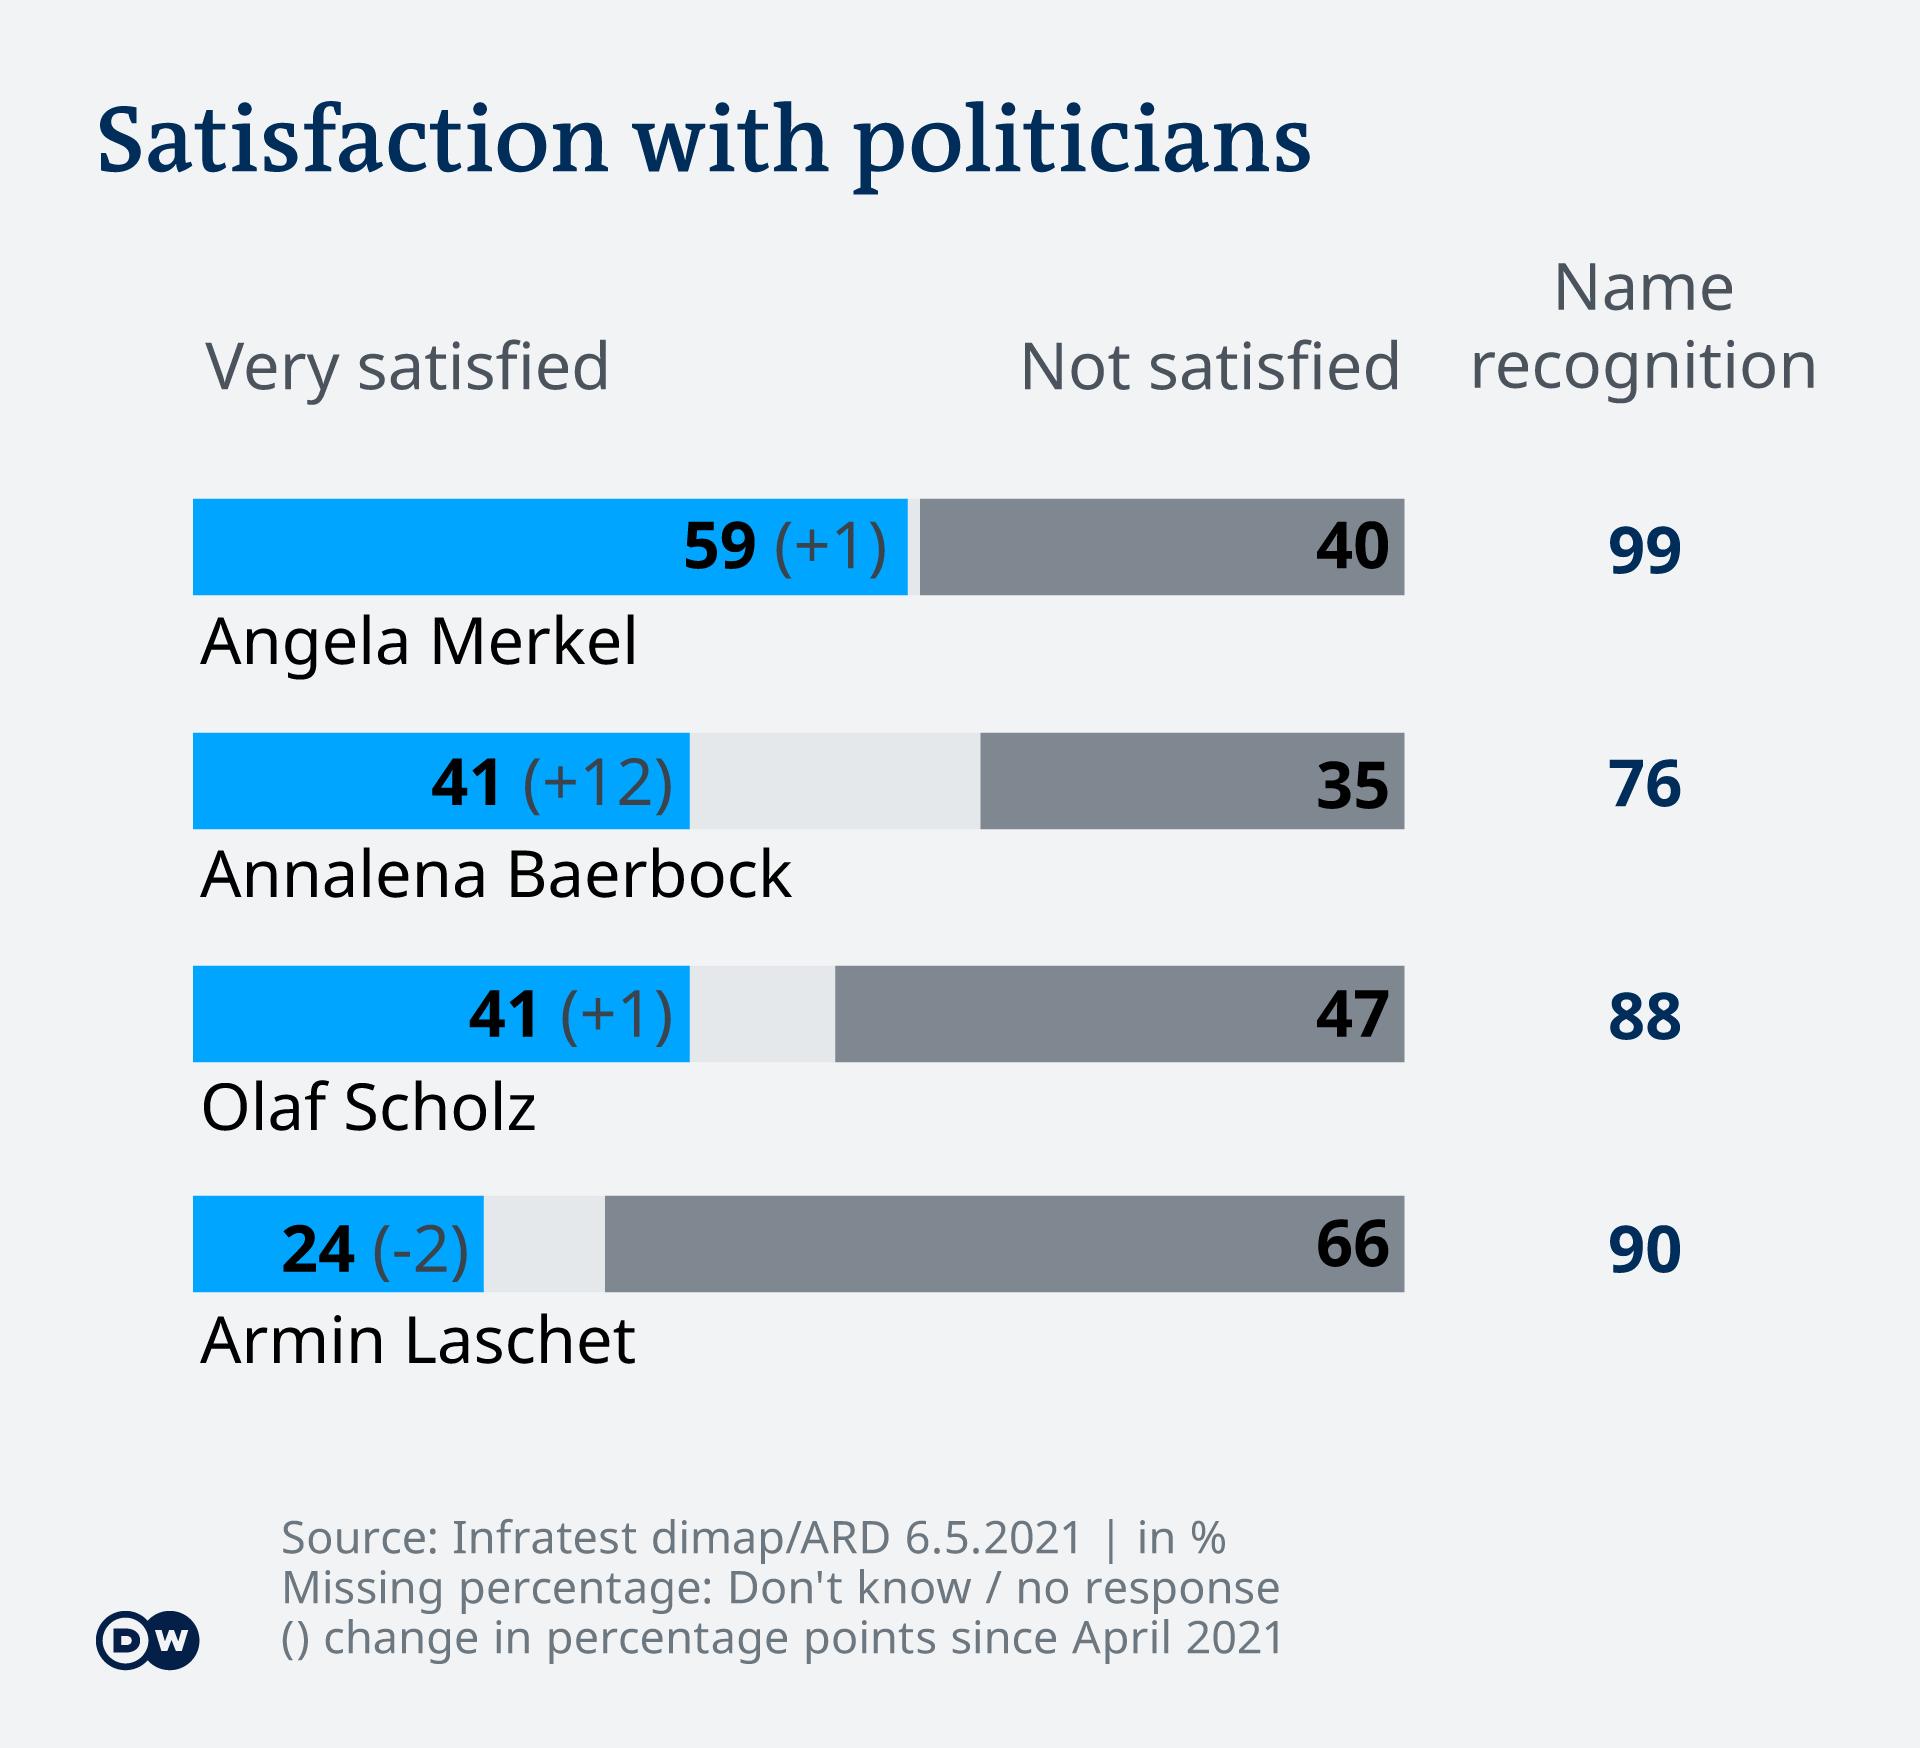 Beliebtheitsdiagramm der Politiker - mit Angela Merkel an der Spitze